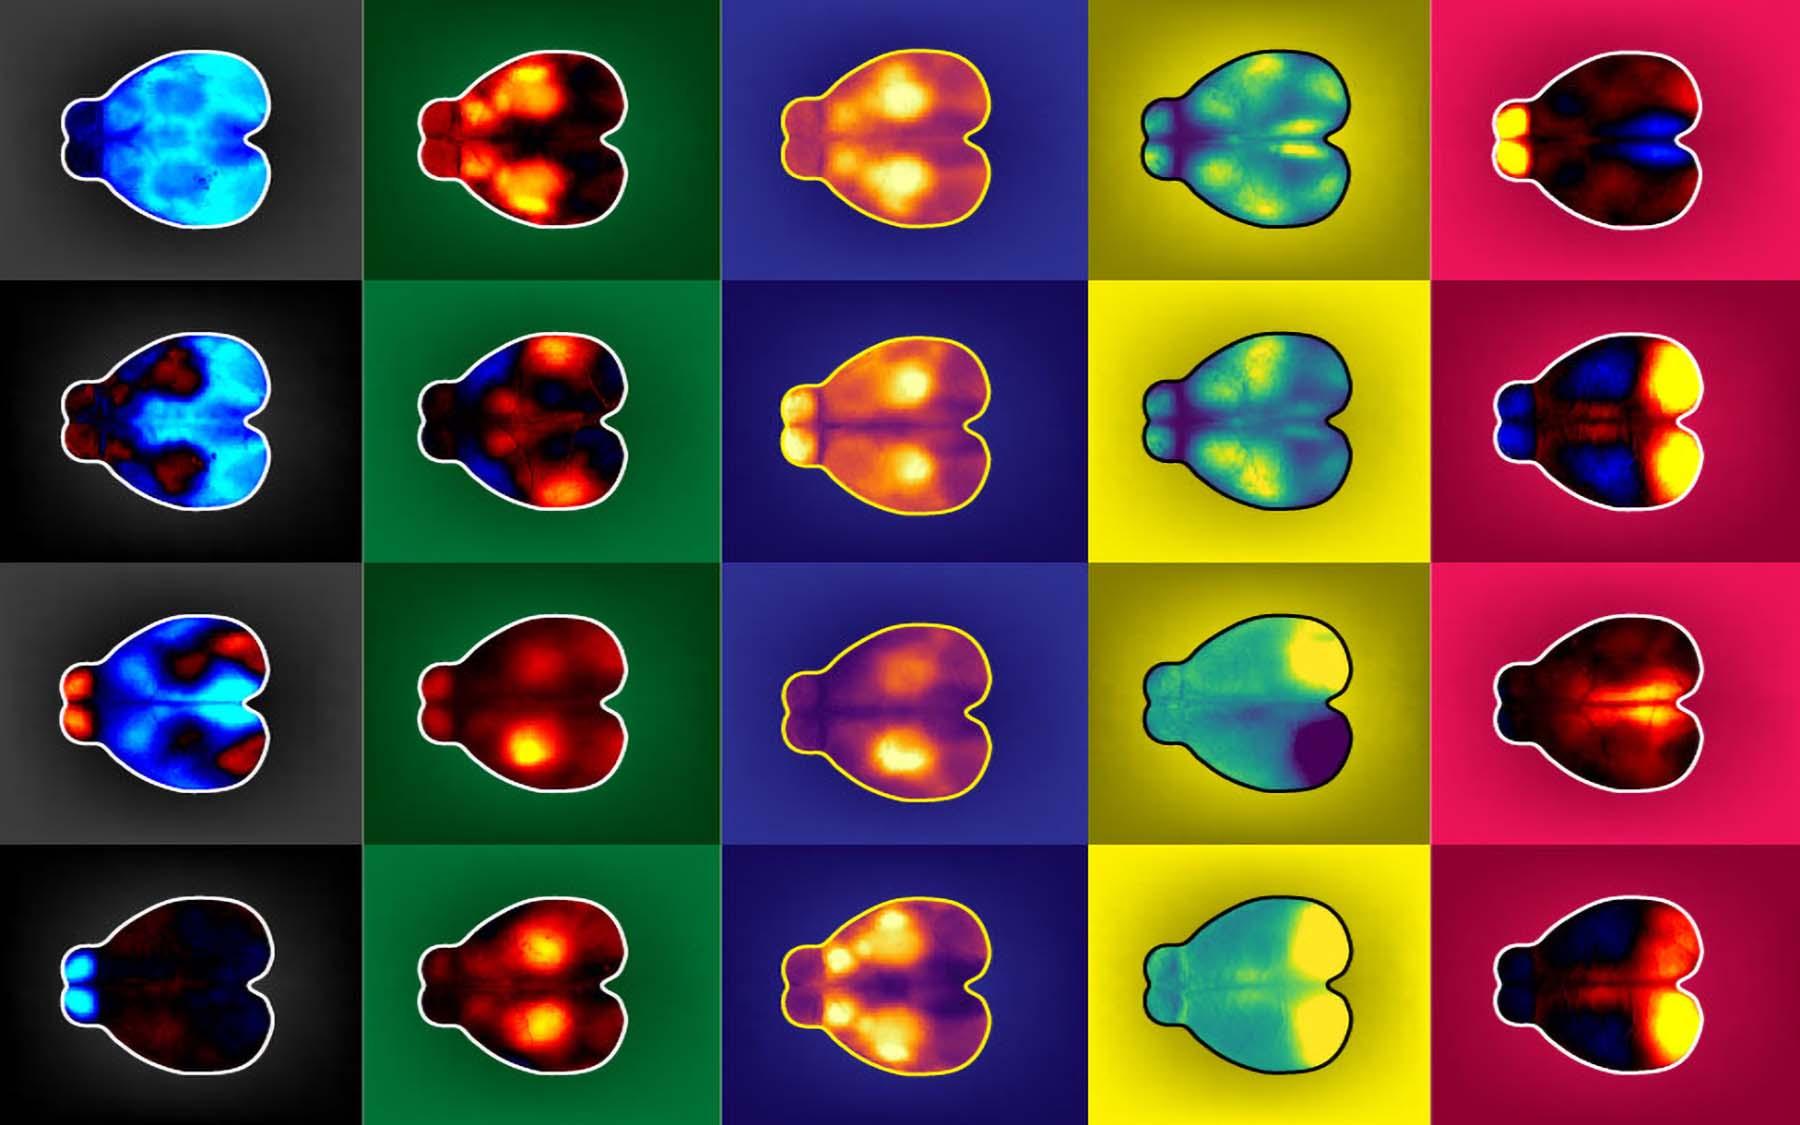 Actividad cerebral de ratones durante las tareas de toma de decisiones. Crédito: Anne Churchland.